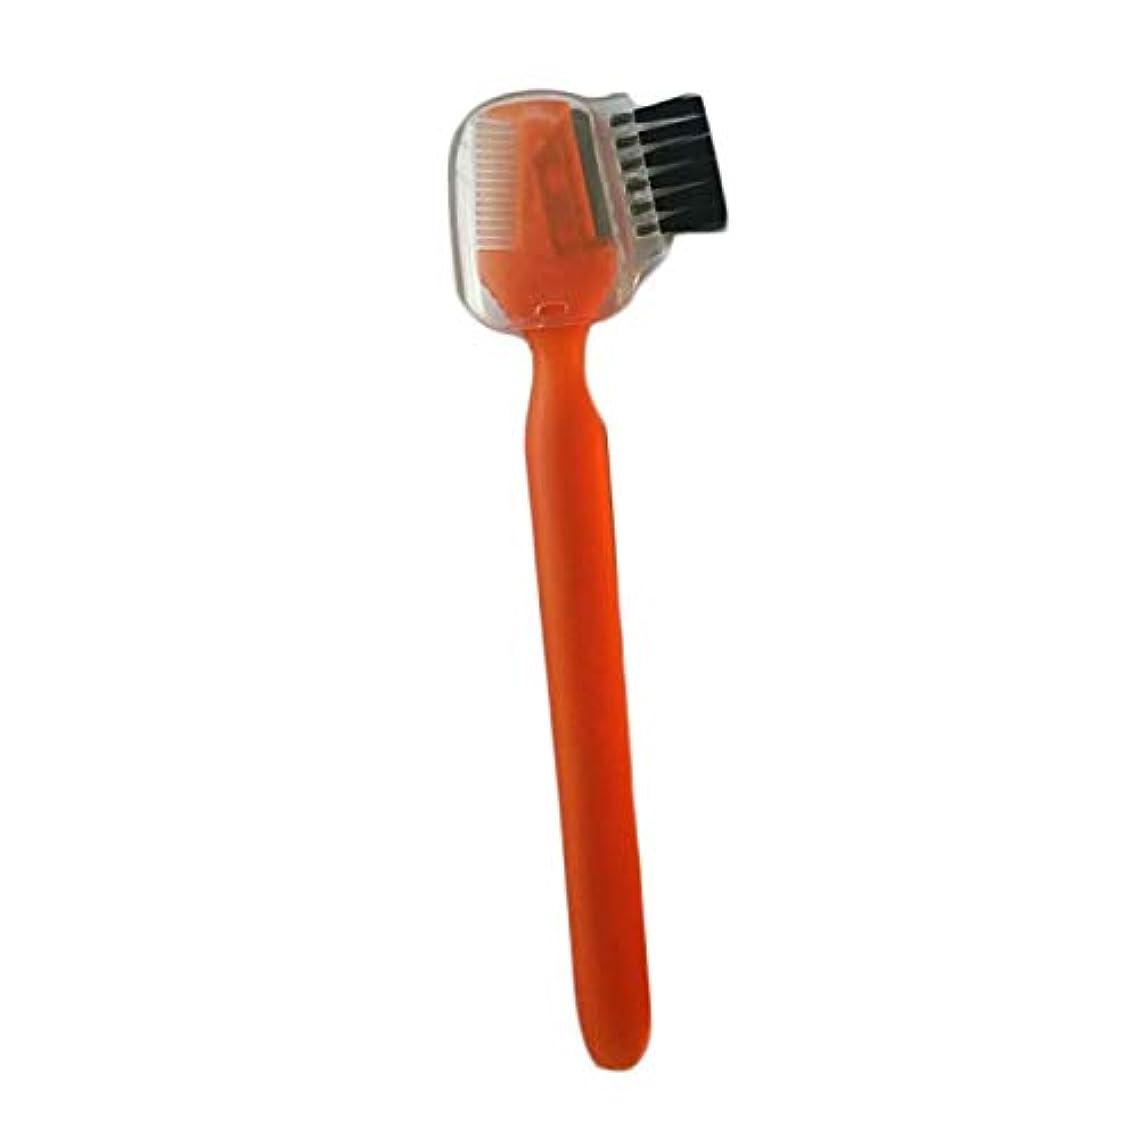 旋律的エンドテーブルダウンタウンQuzama-JS 最高品質の5つのPC女性は、眉毛櫛で剃毛キットを剃って眉を剃ります(None orange)